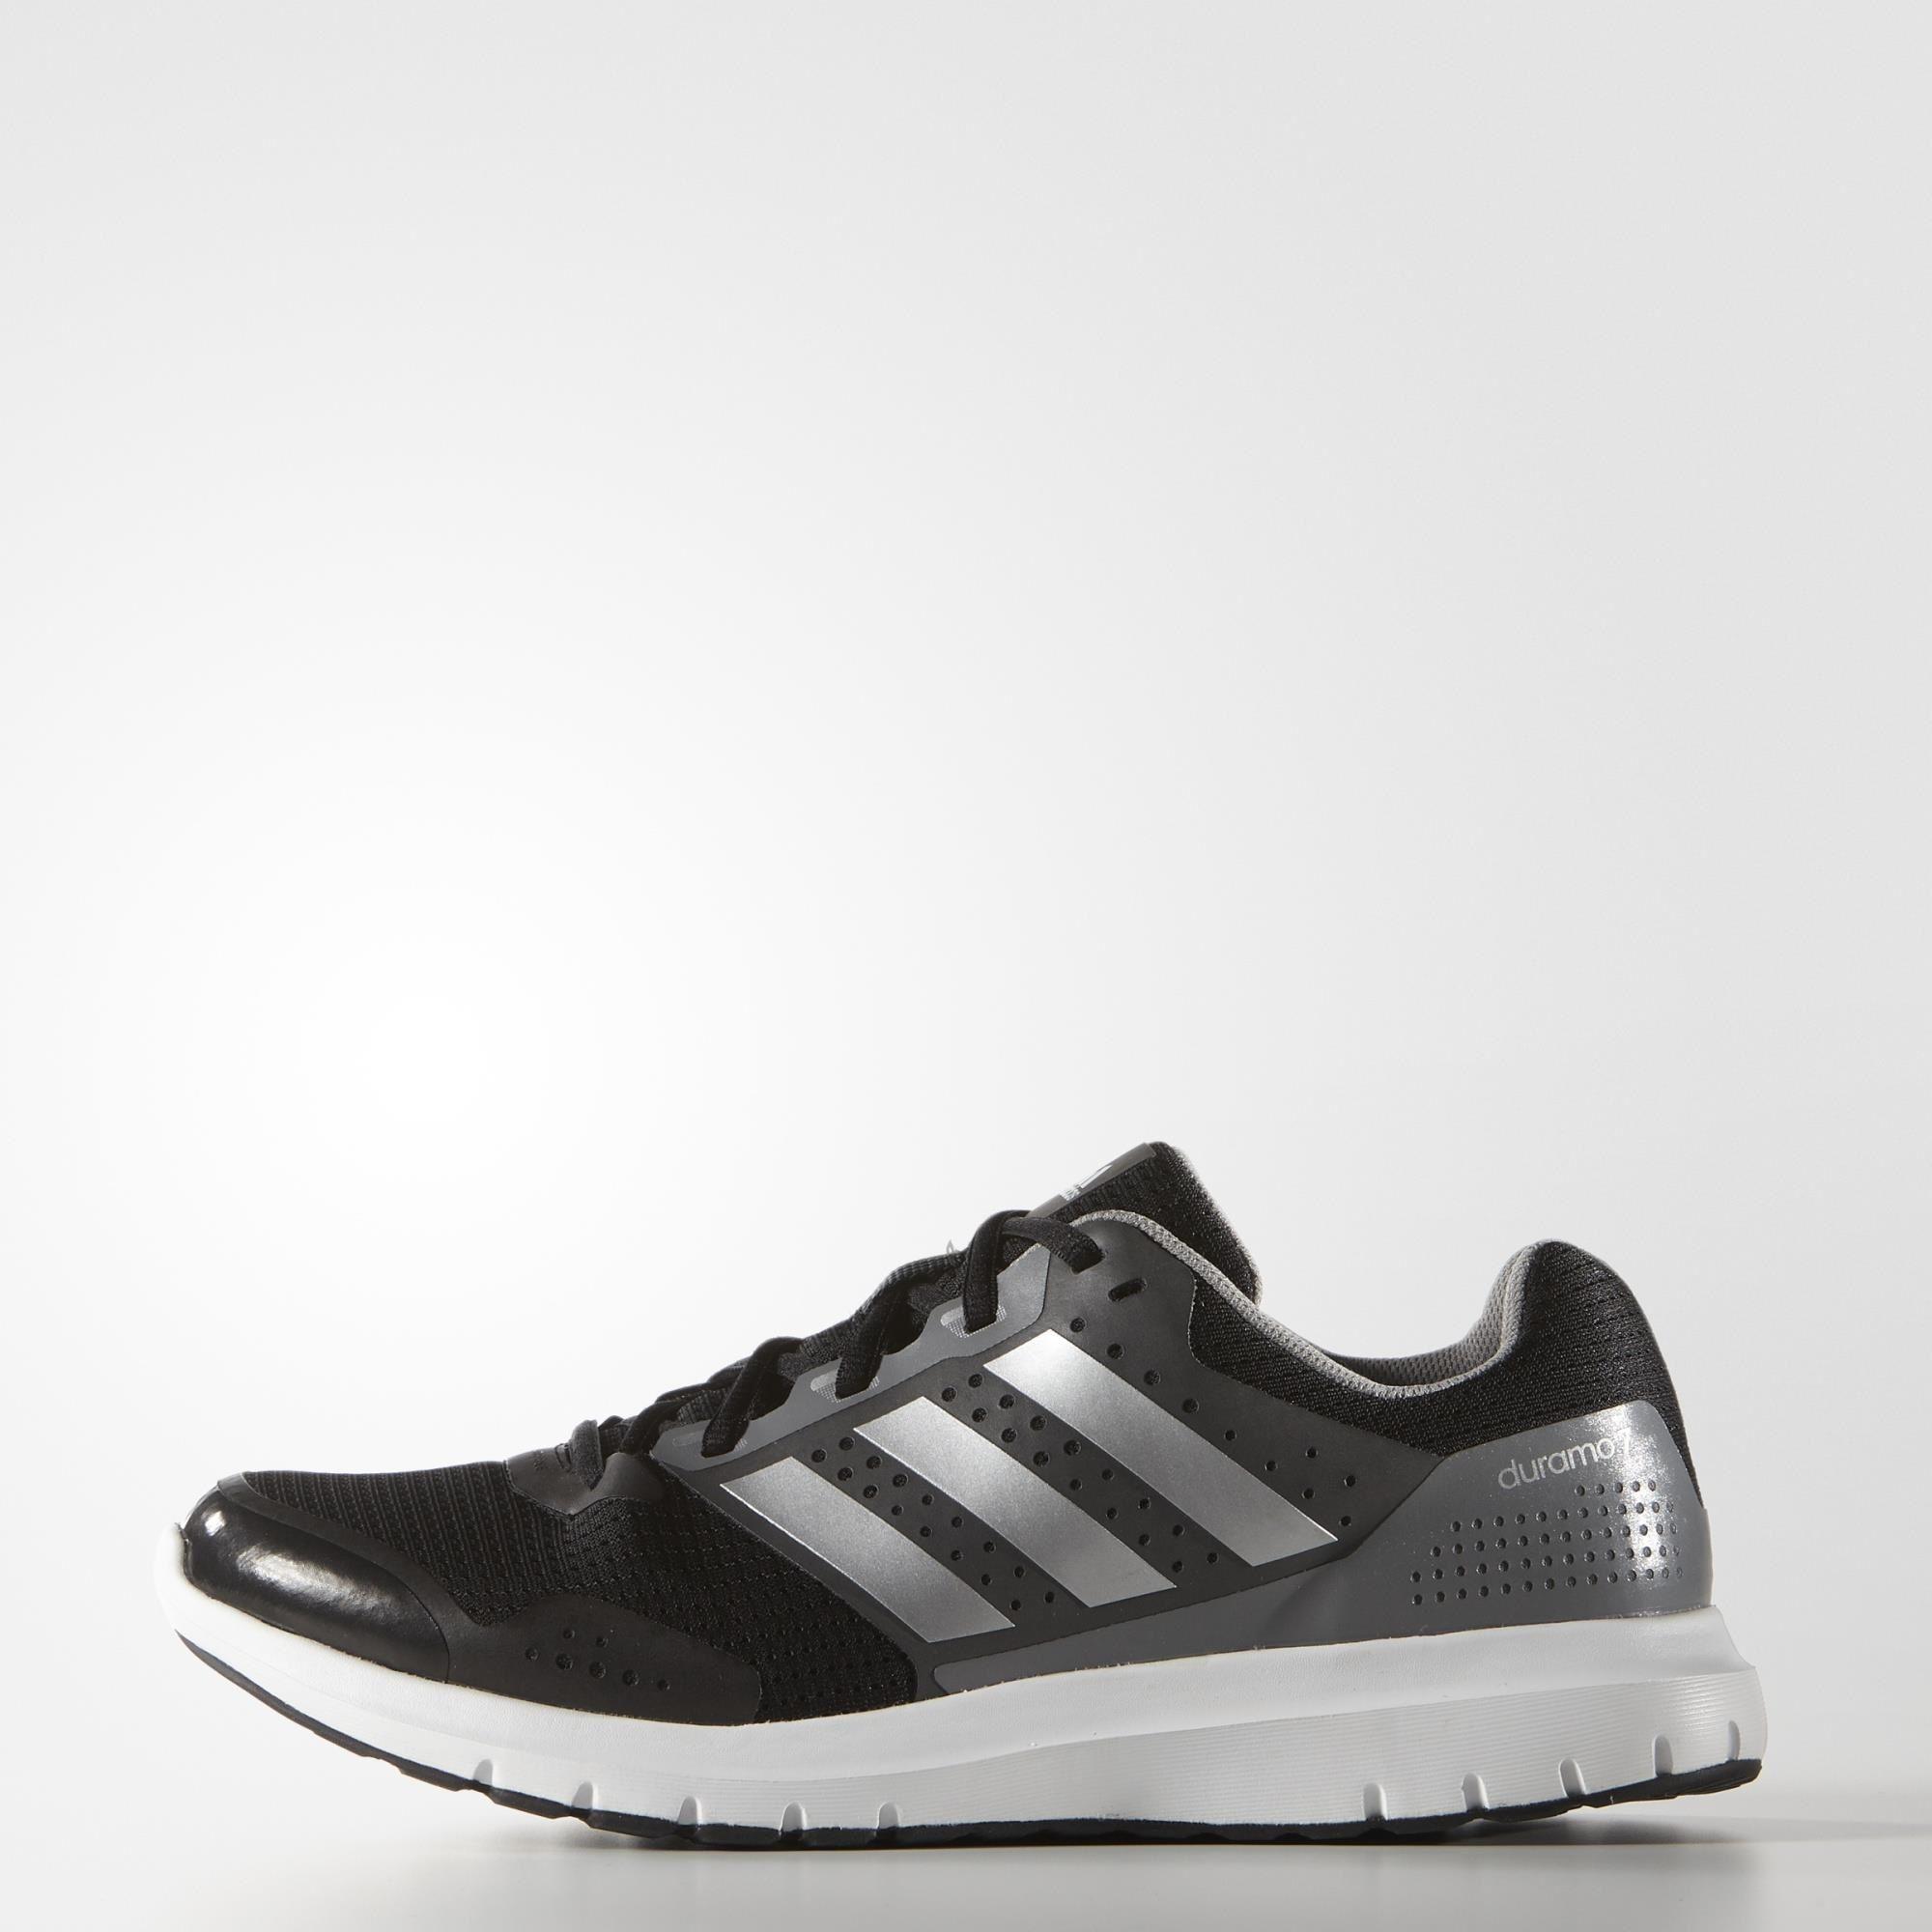 adidas - duramo 7 m · Black AdidasBlack ShoesRunning ...